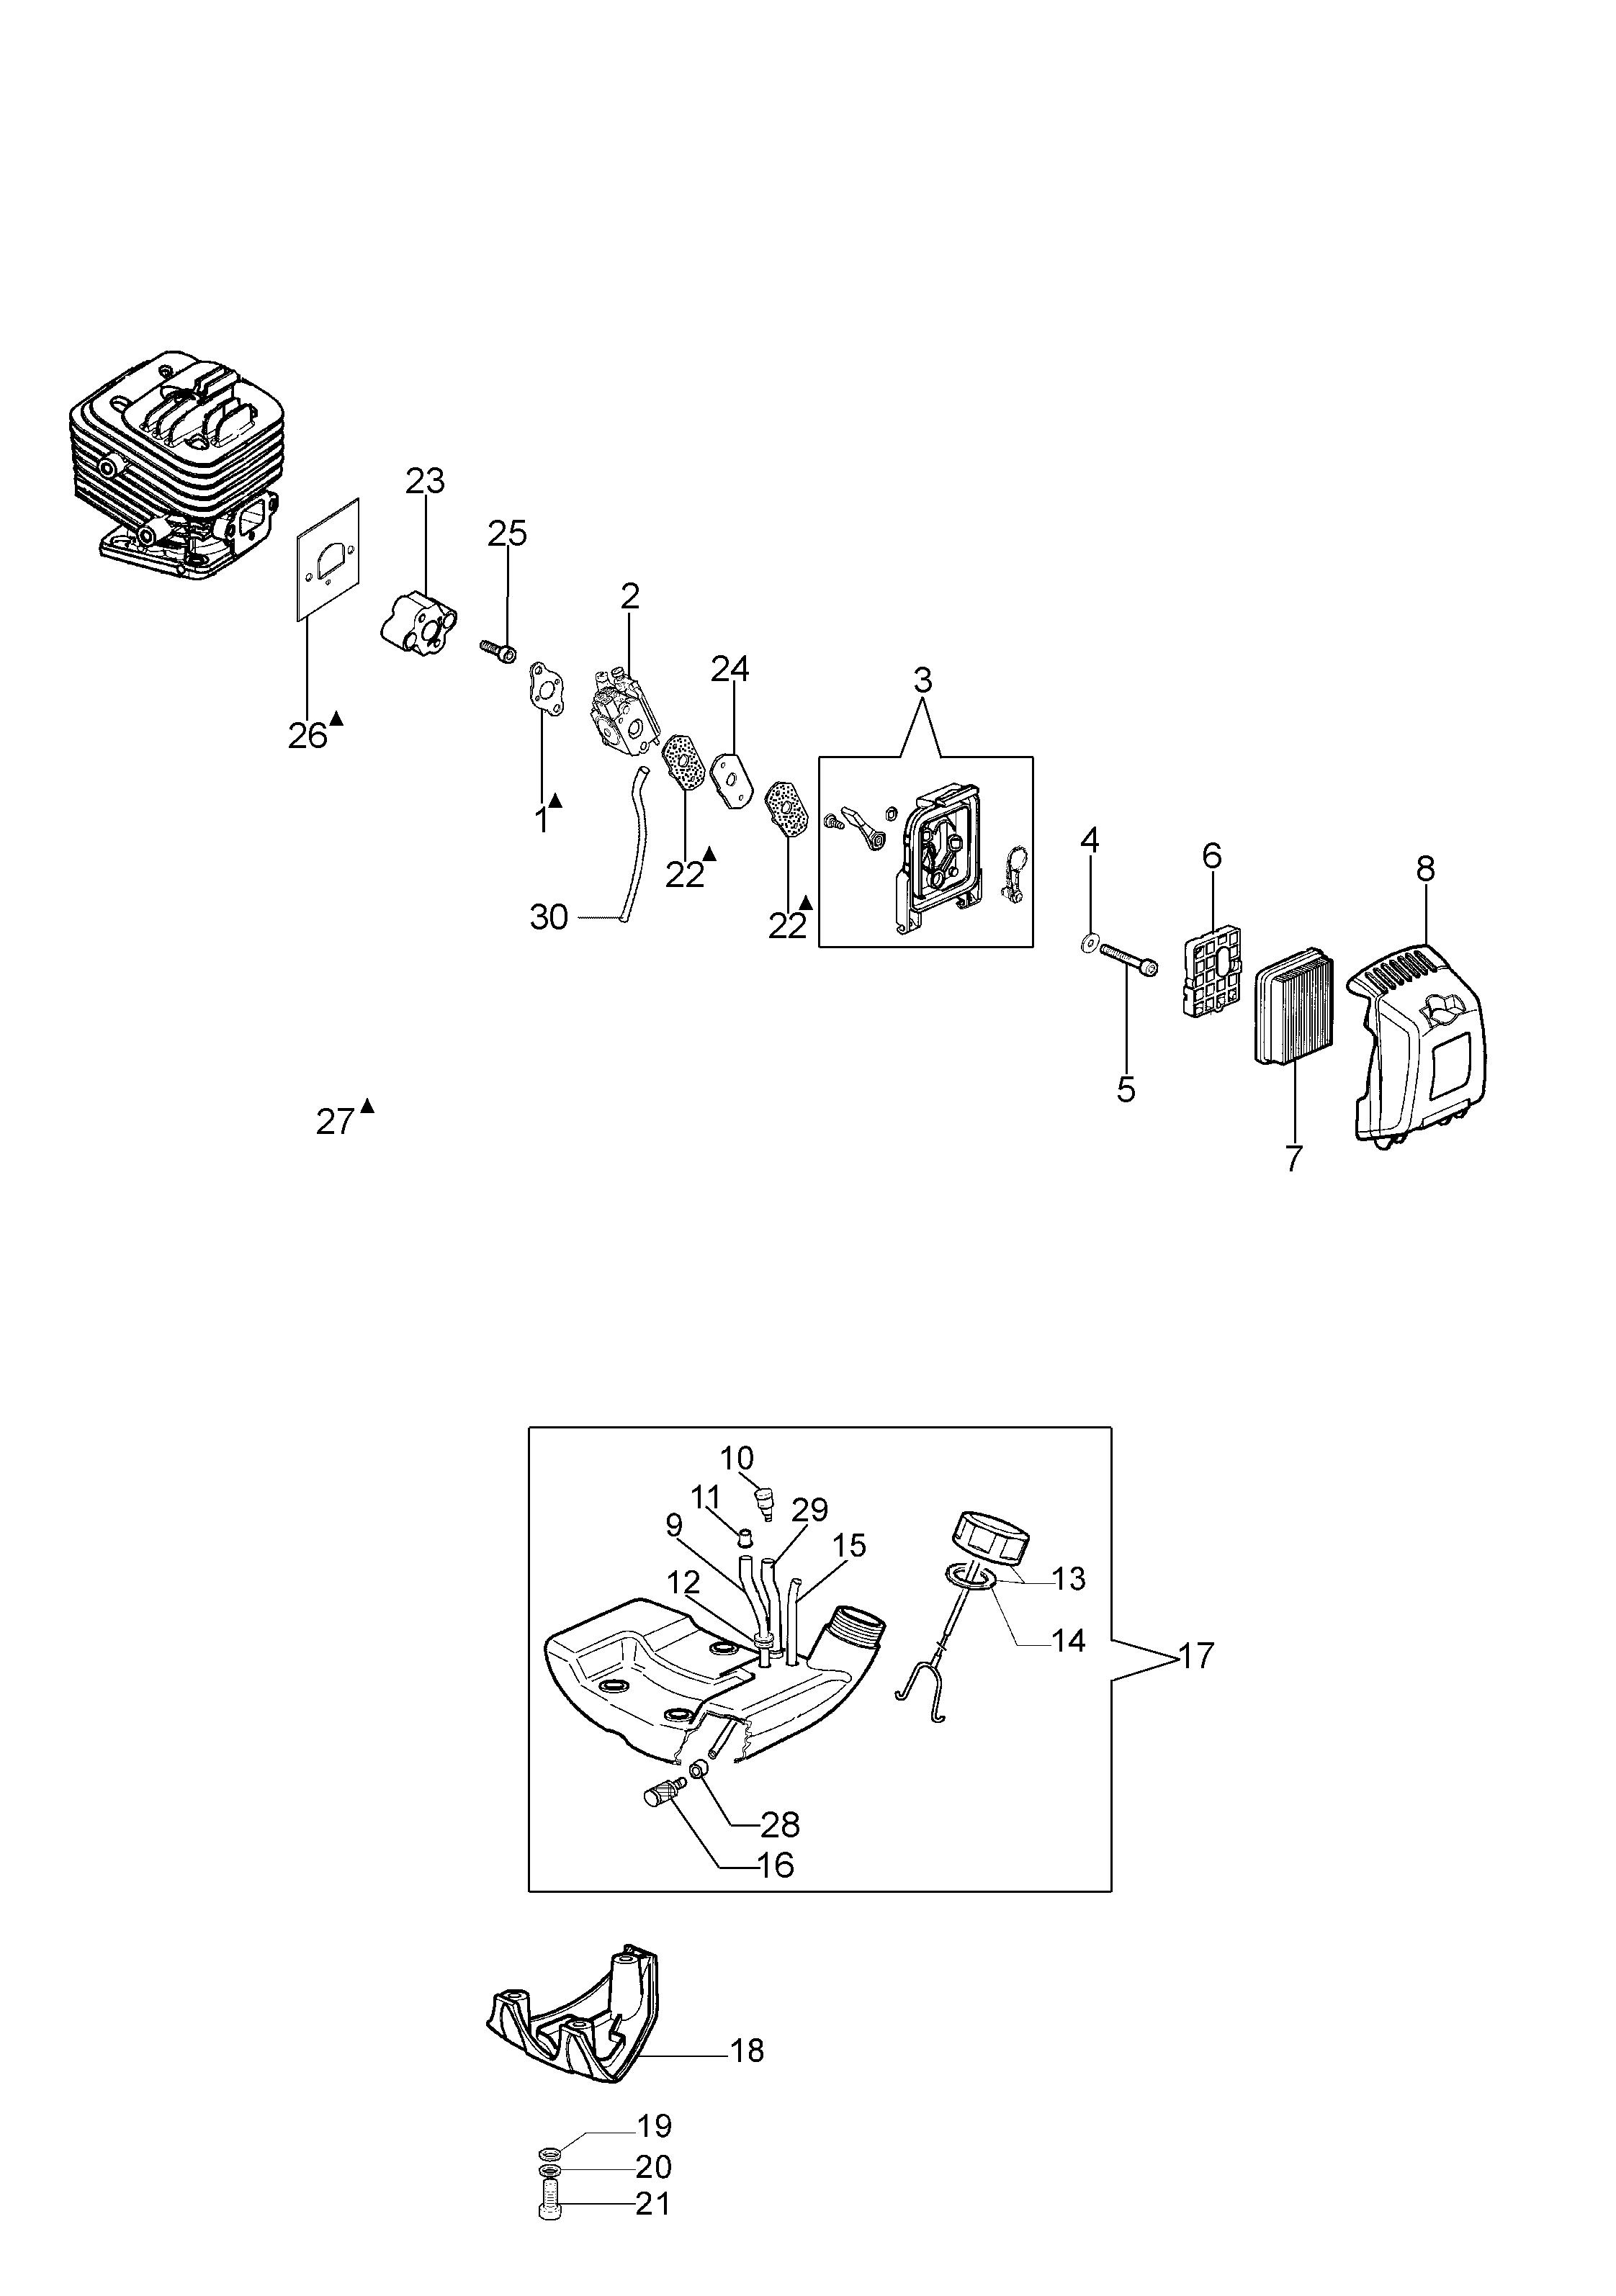 PPX 270 Elagueuses sur perche oleomac Dessins pièces vue éclatée Réservoir et filtre à air